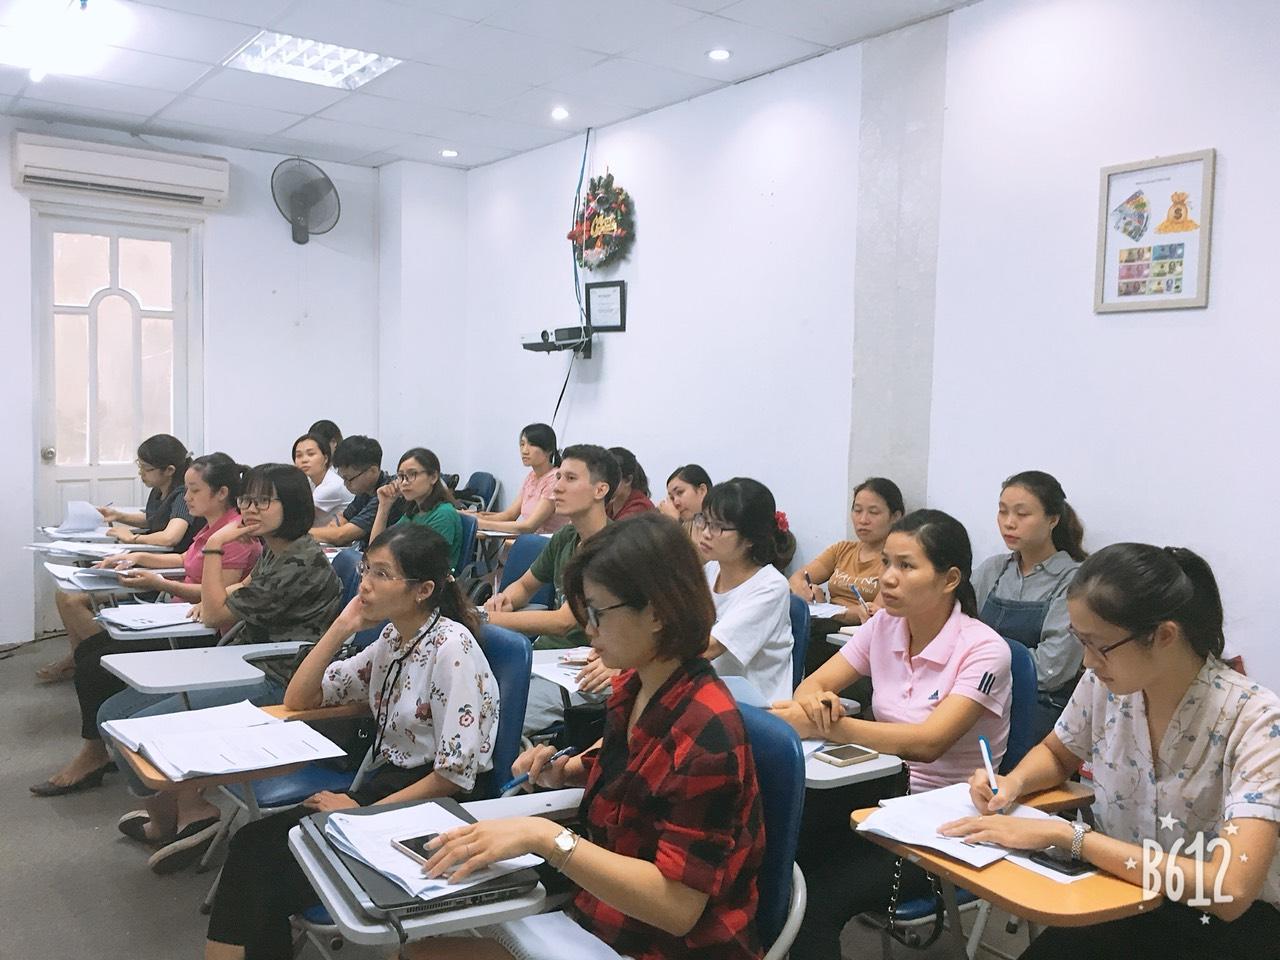 Khóa học đào tạo nghiệp vụ xuất nhập khẩu tư vấn thủ tục hải quan cho doanh nghiệp tại VinaTrain